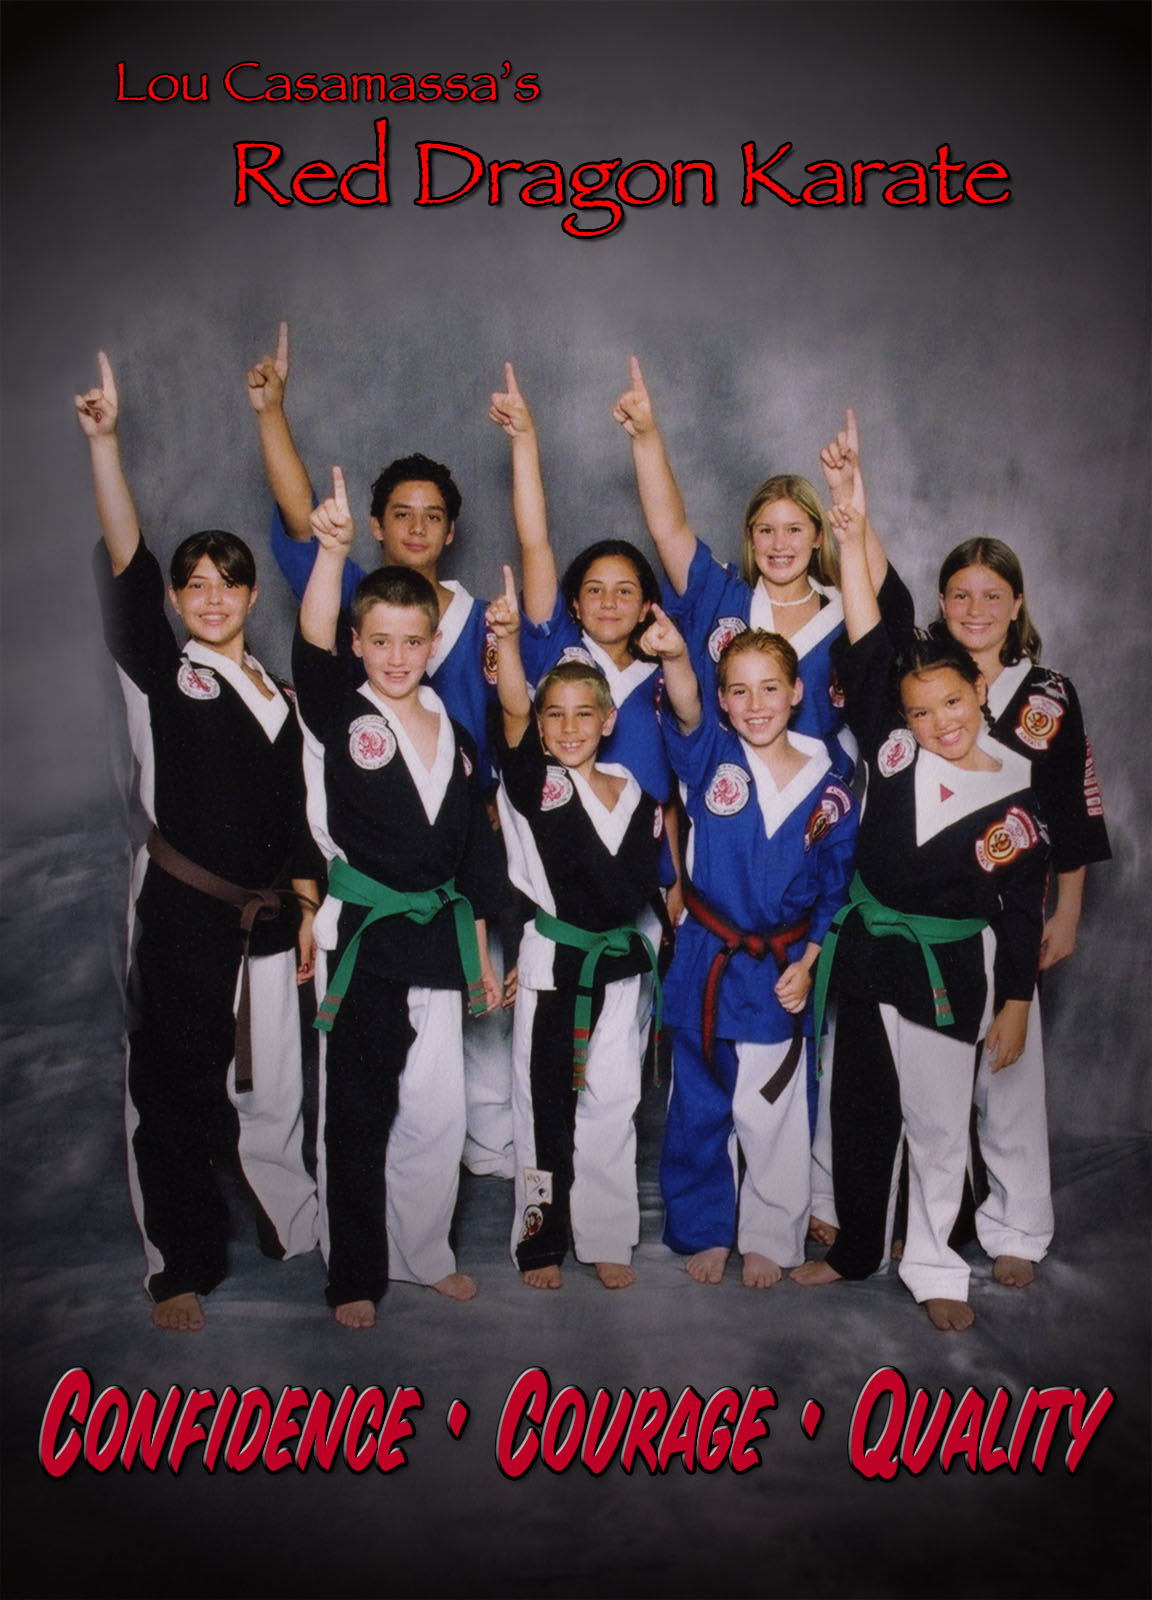 Red Dragon Karate San Dimas image 0